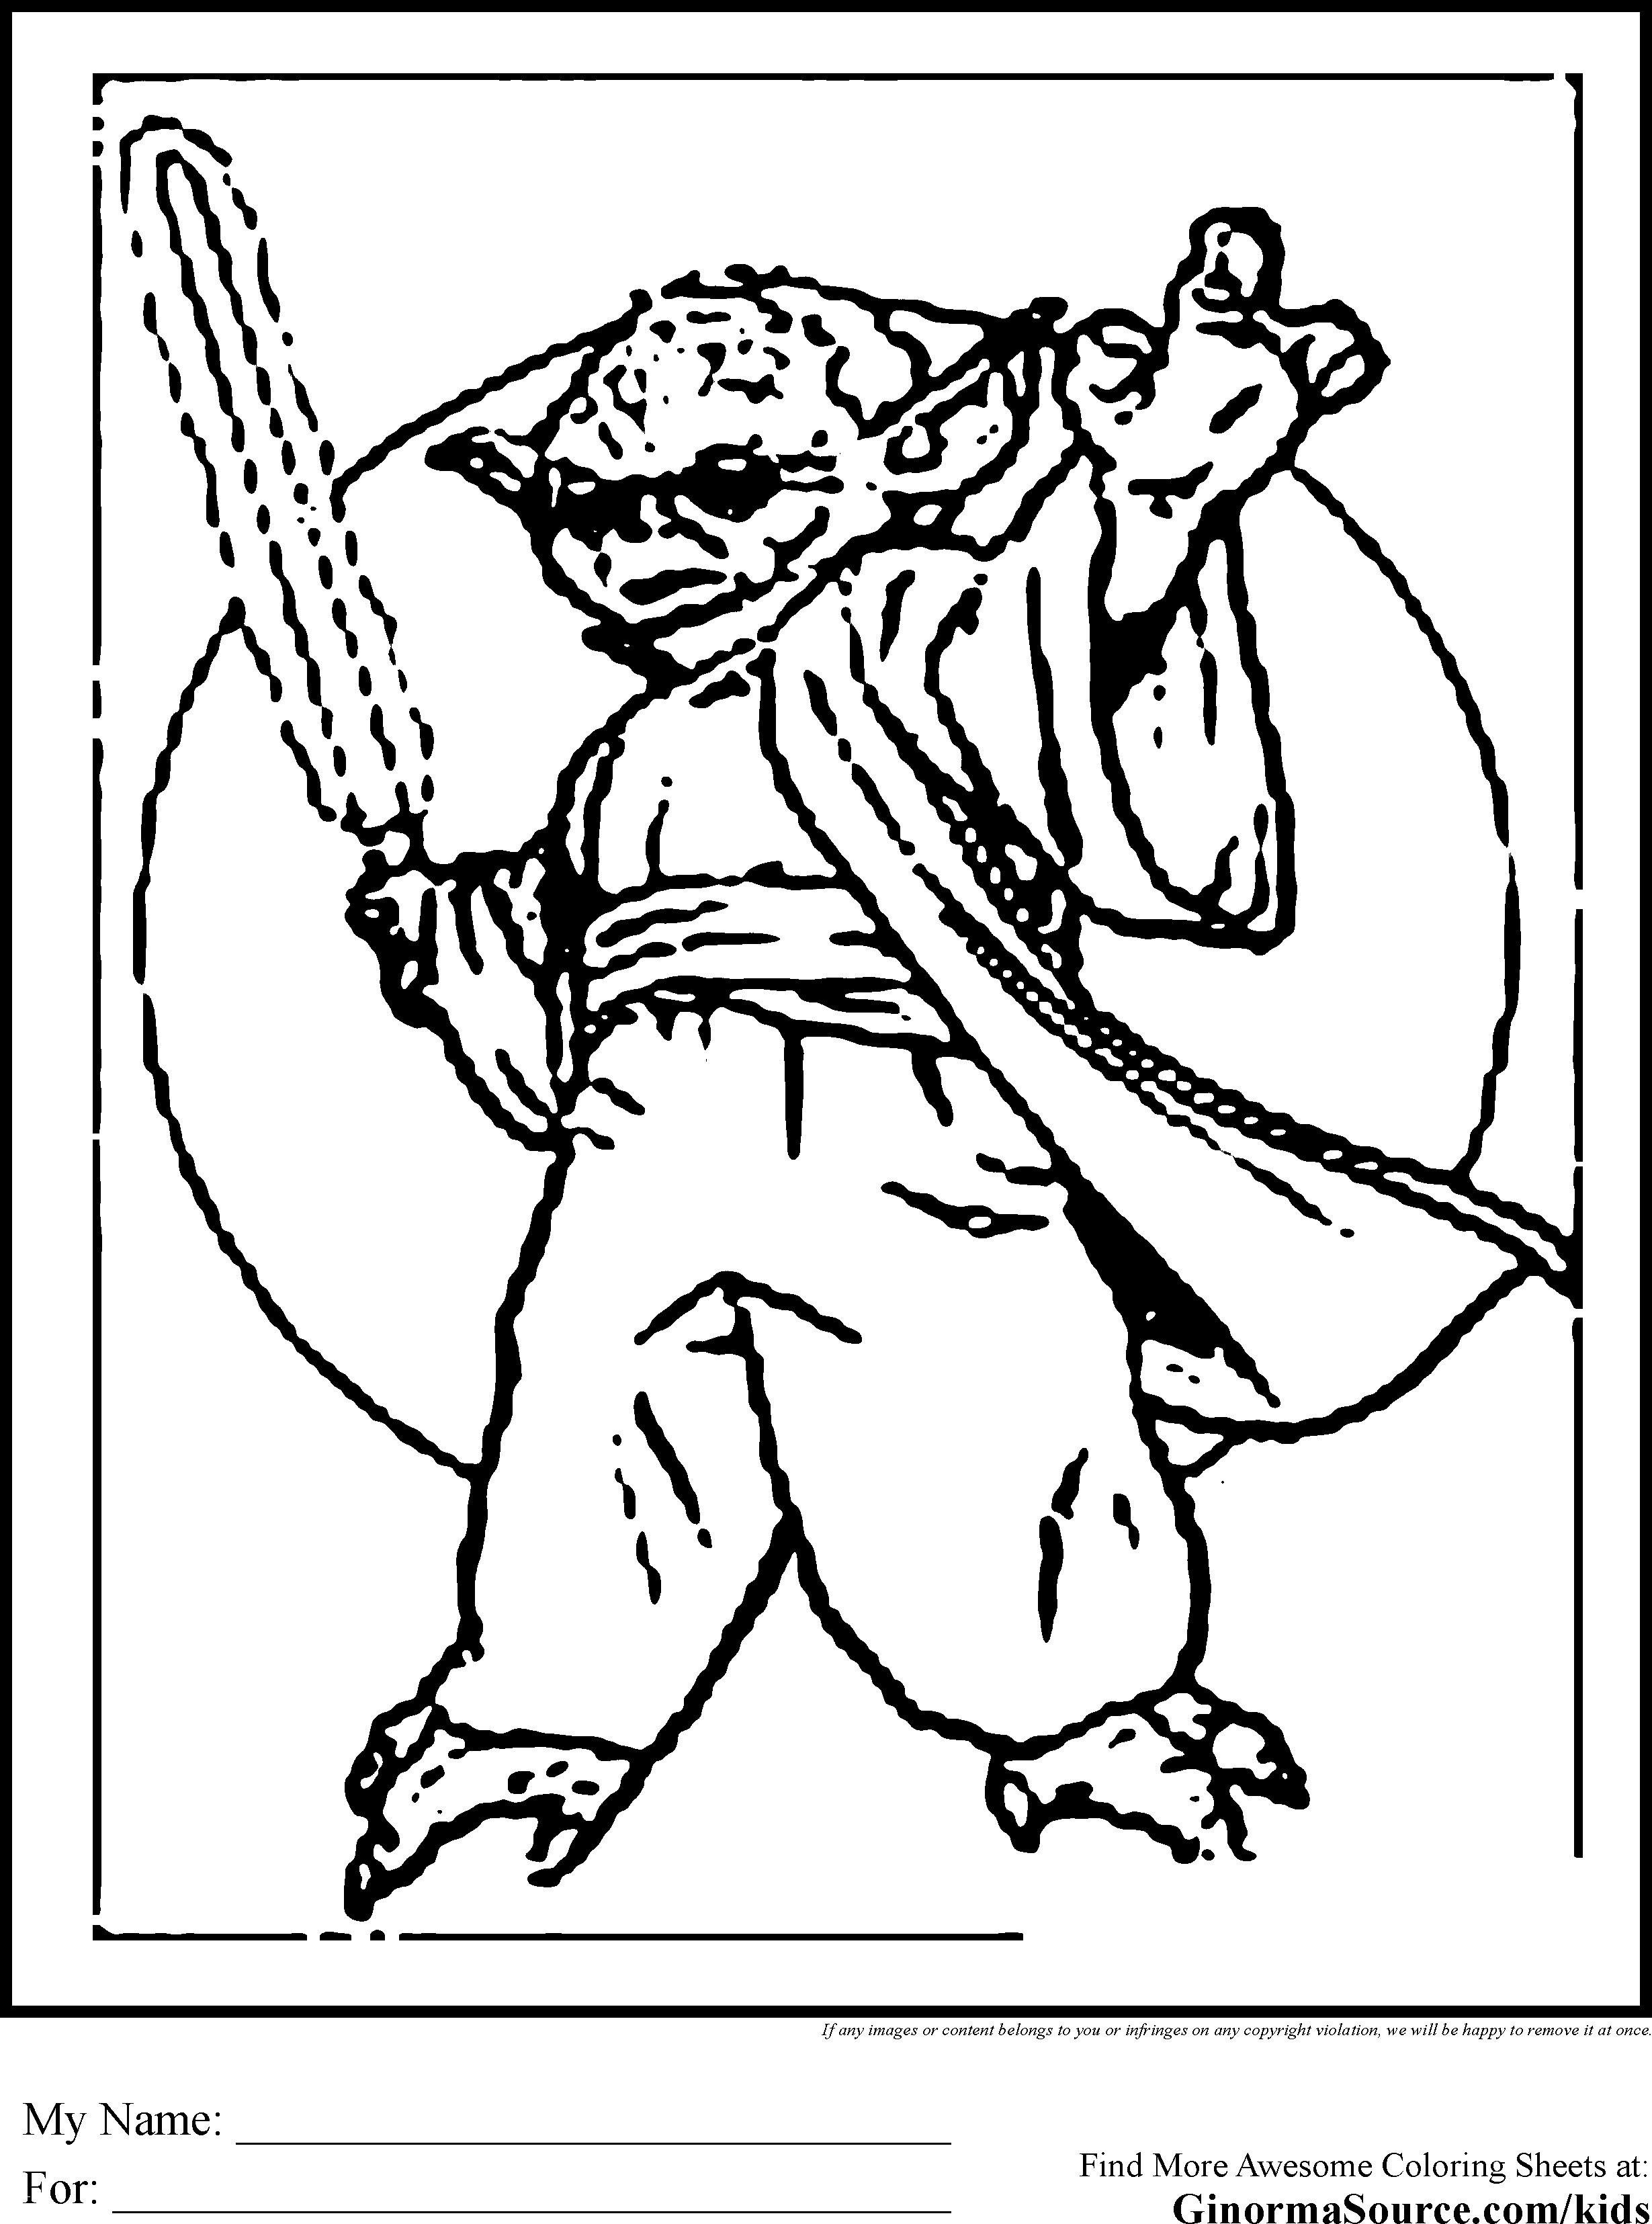 Pettersson Und Findus Ausmalbild Einzigartig 40 Genial Malvorlagen Pettersson Und Findus Mickeycarrollmunchkin Bild